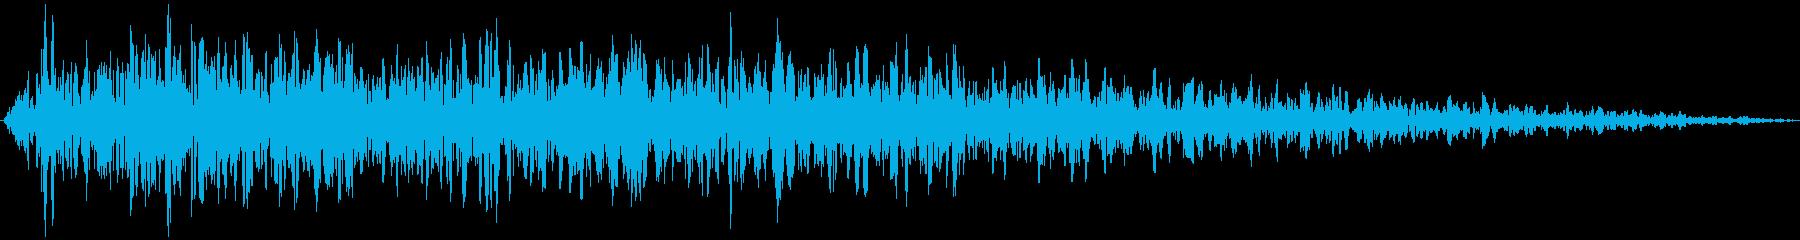 ズーン (ショック、衝撃を受ける) ②の再生済みの波形